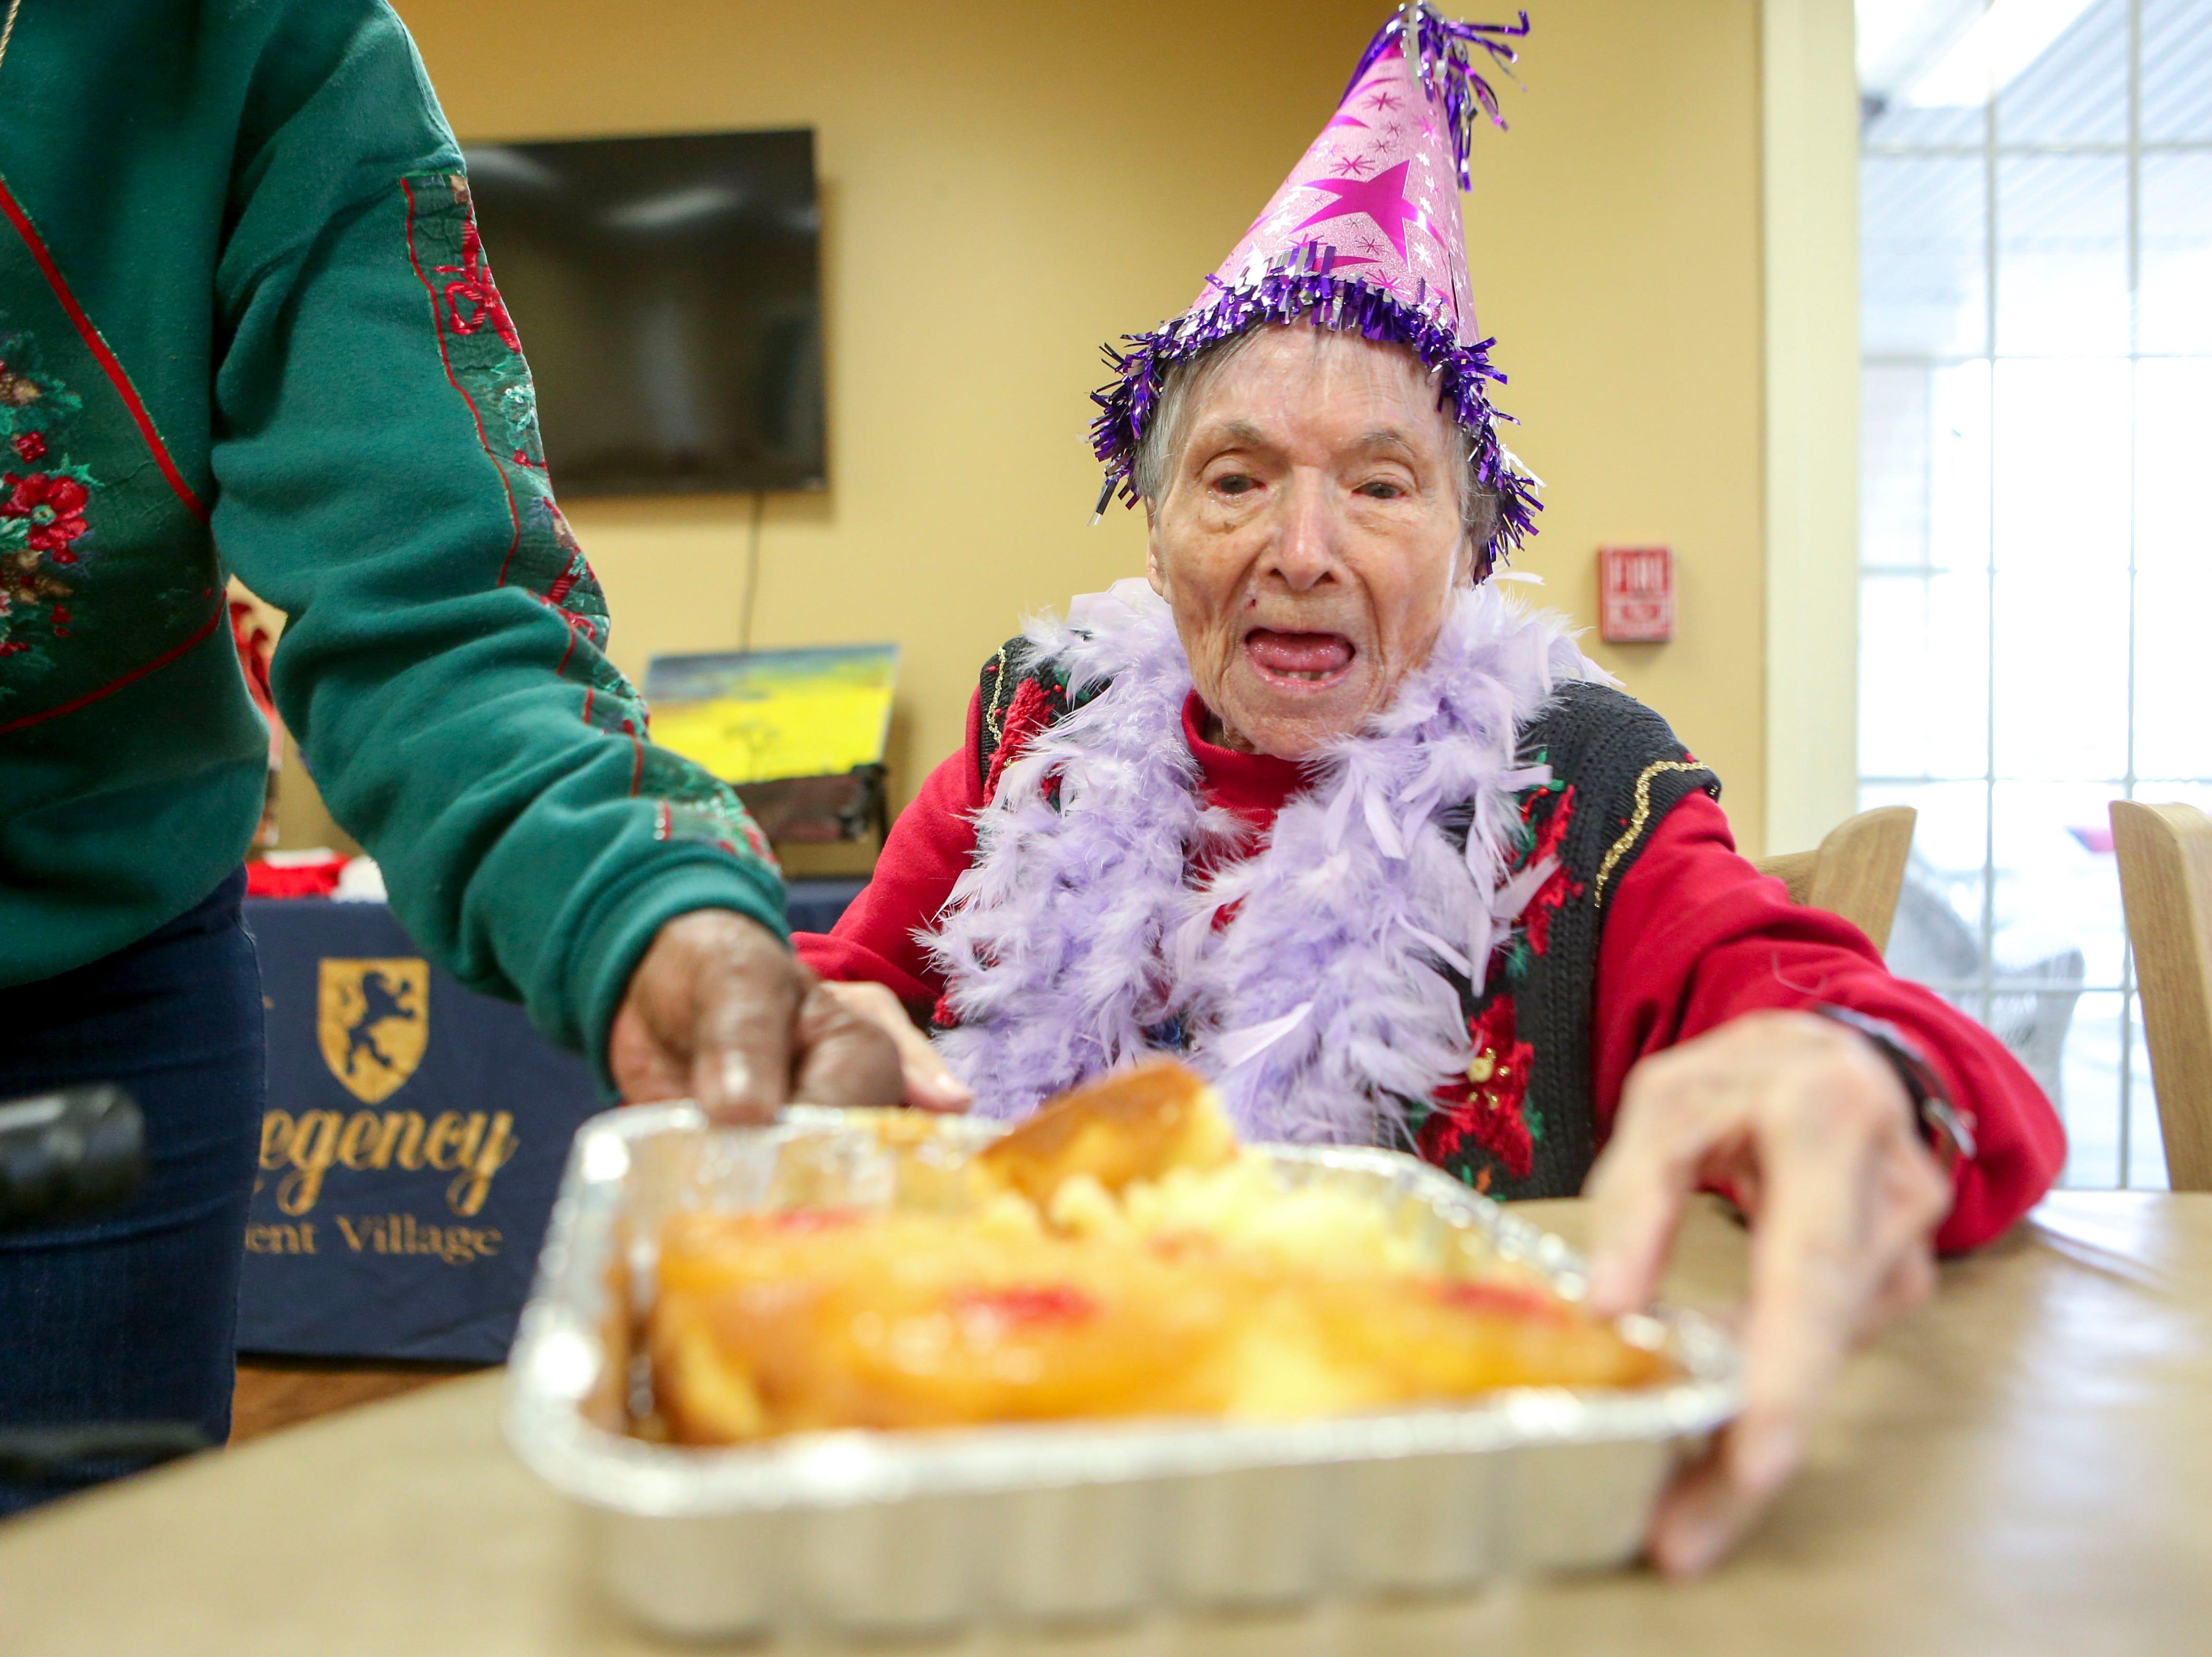 Ida Feldman looks down at her inside out pineapple cake prepared for her on her 100th birthday at Regency Retirement Home in Jackson, Tenn., on Thursday, Dec. 20, 2018.